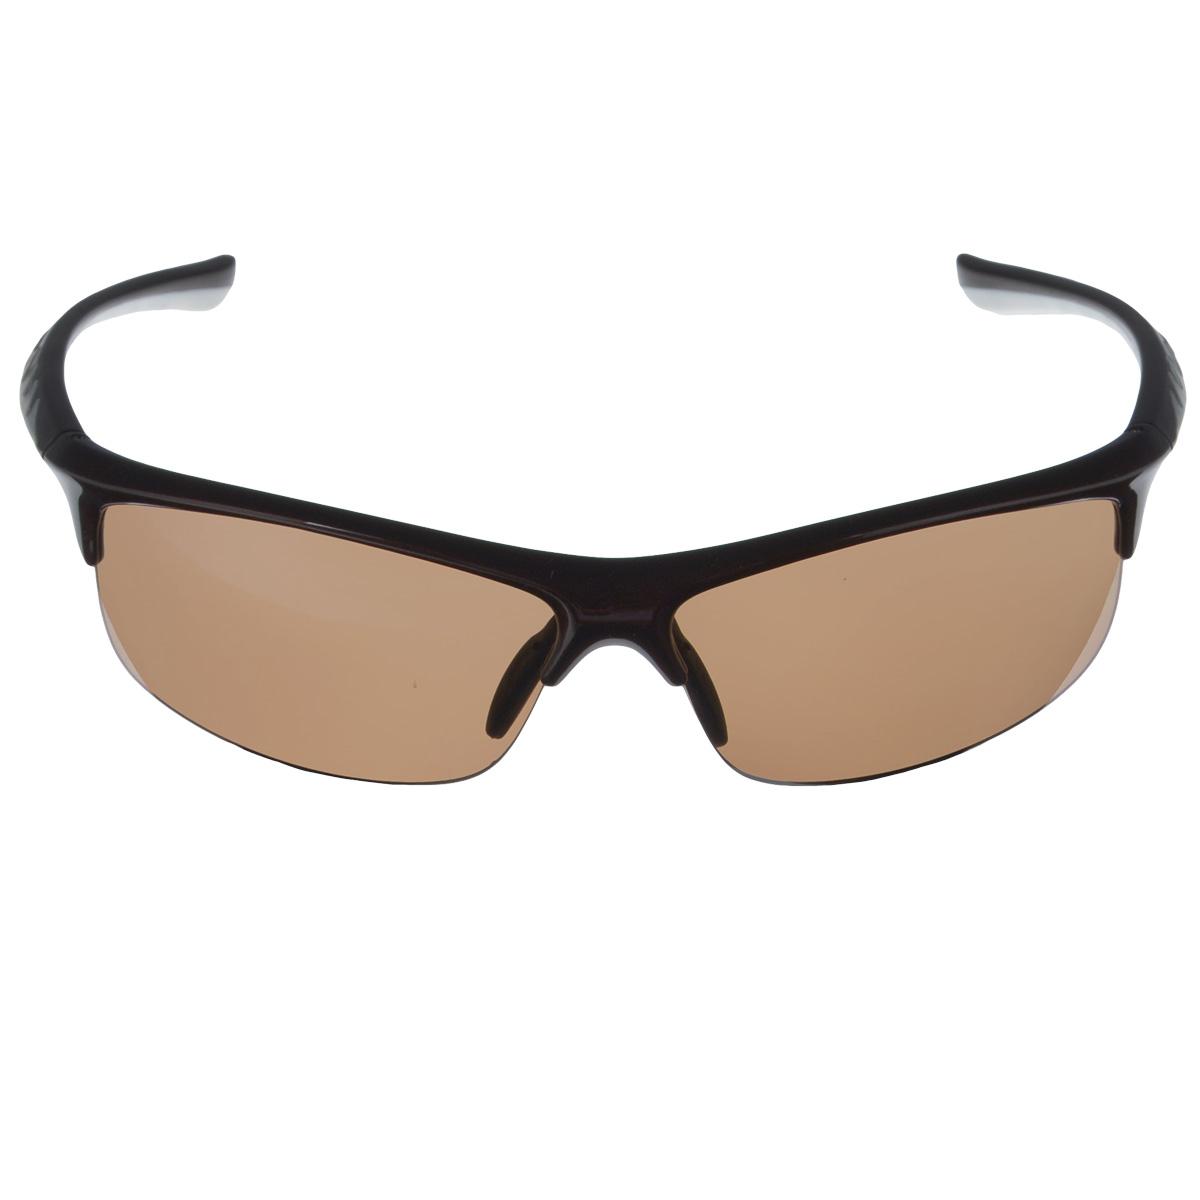 SP Glasses AS021 Premium, Chocolate White водительские очки темныеINT-06501SP Glasses AS021 Premium - релаксационные комбинированные очки для активного отдыха с коричневым светофильтром. Они рекомендуются для использования в дневное время и ясную погоду для защиты глаз от яркого солнца. Отлично блокируют ультрафиолетовые лучи (UV 400).Наносники: нерегулируемые